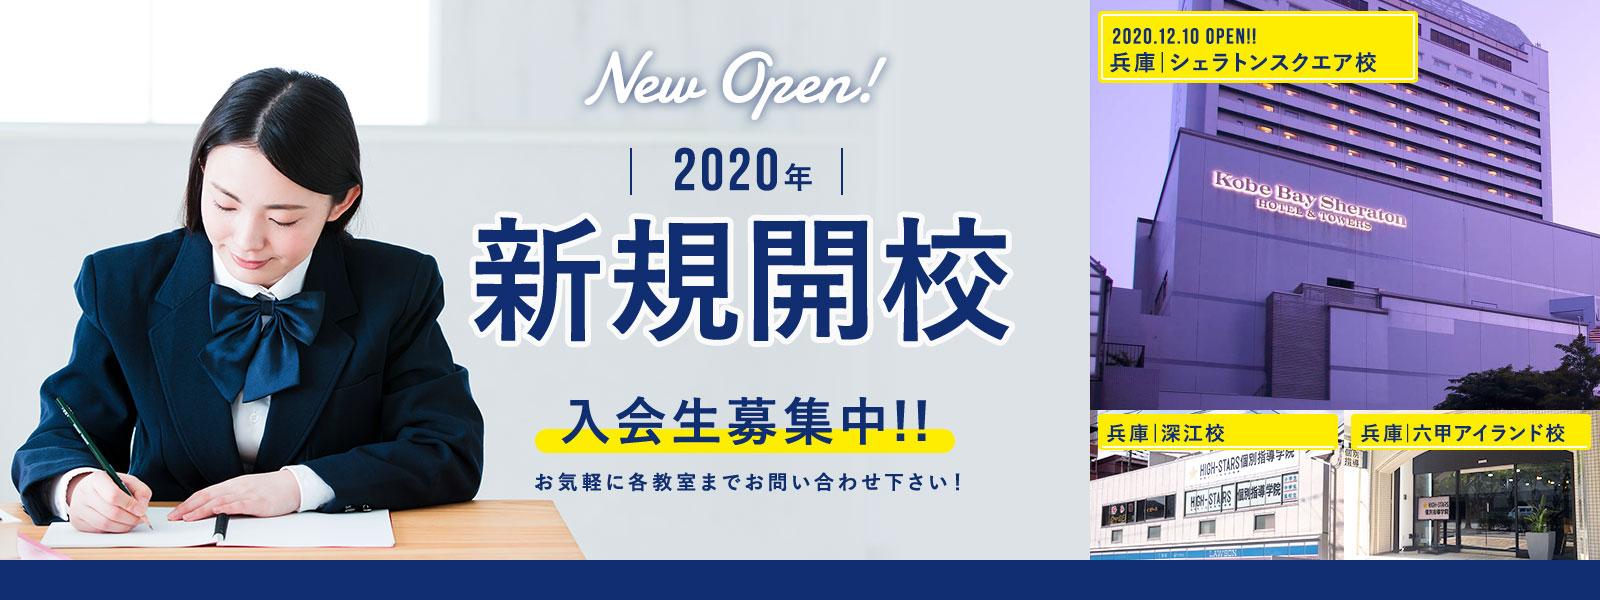 新規開校2020|兵庫県 深江校・六甲アイランド校・シェラトンスクエア校